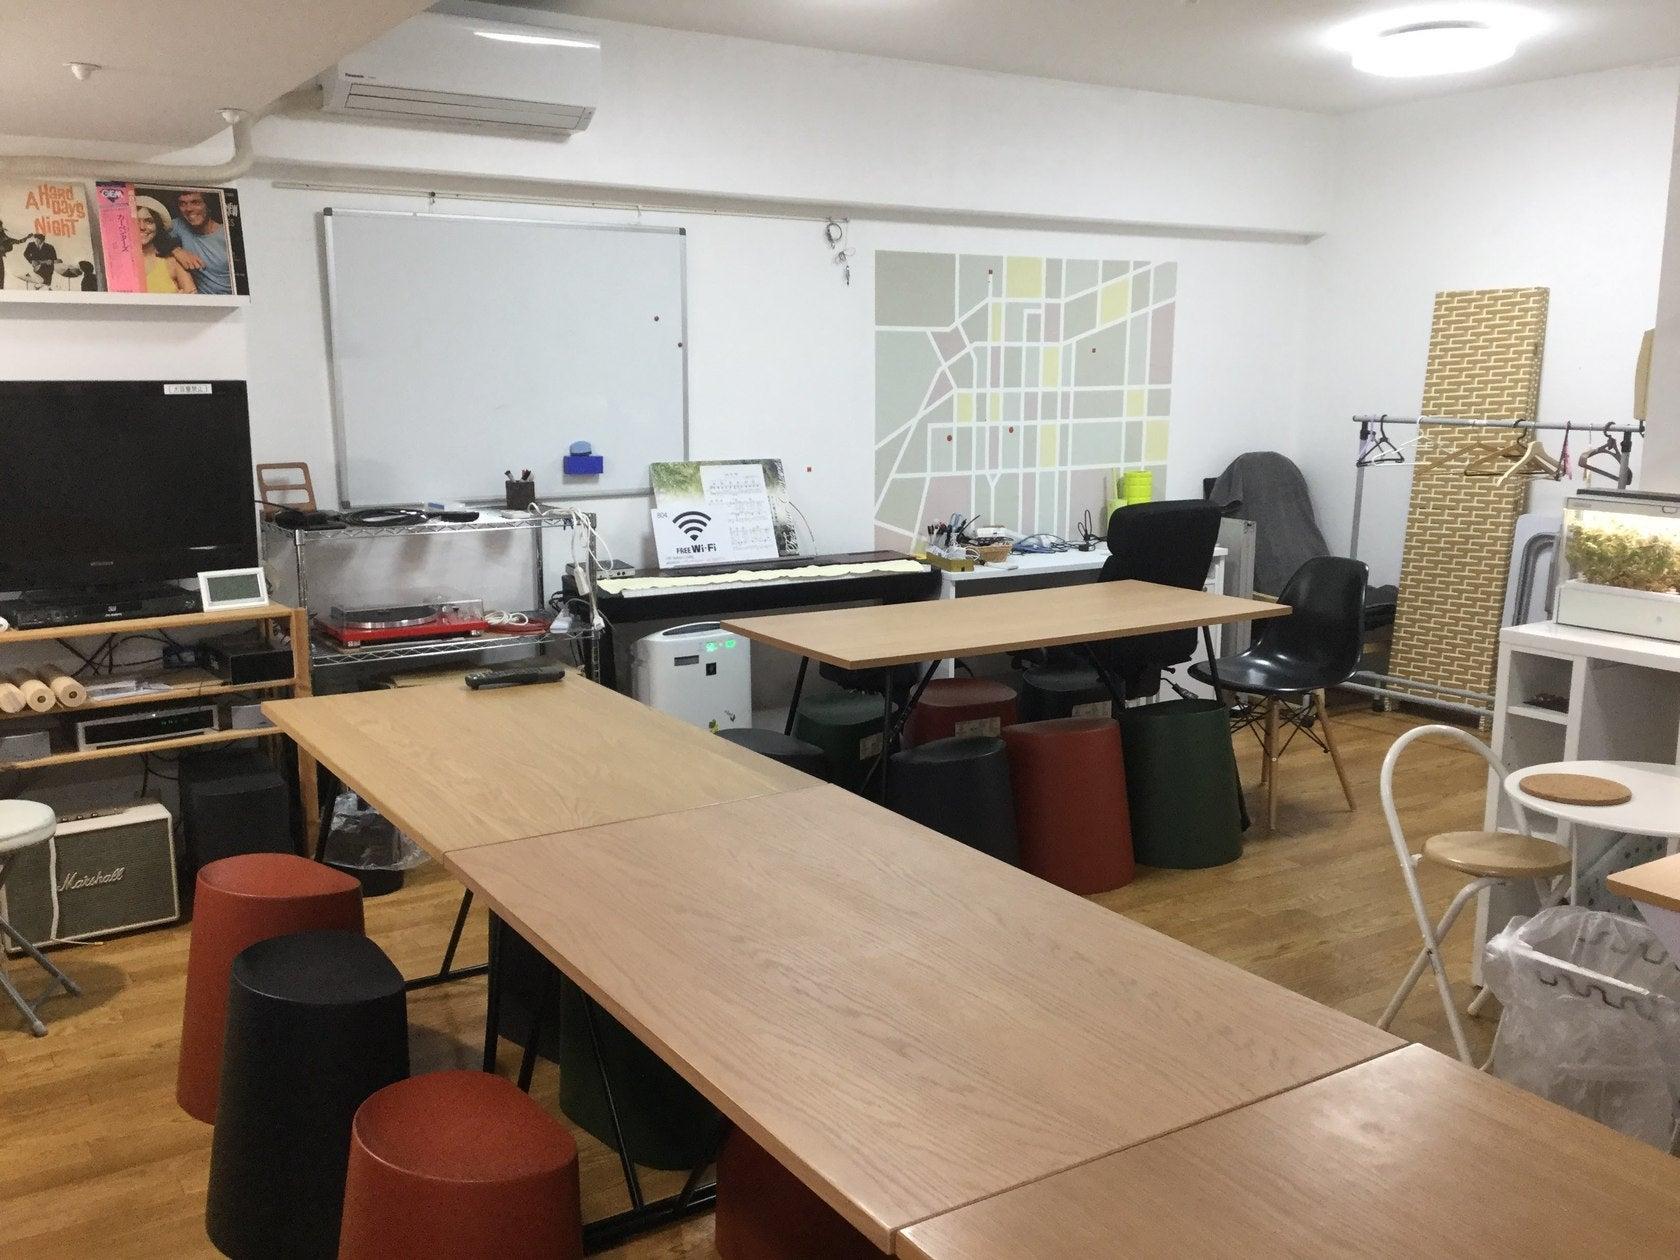 レンタルキッチン心斎橋804【大阪・心斎橋】駅から3分のキッチン付きスペース! の写真